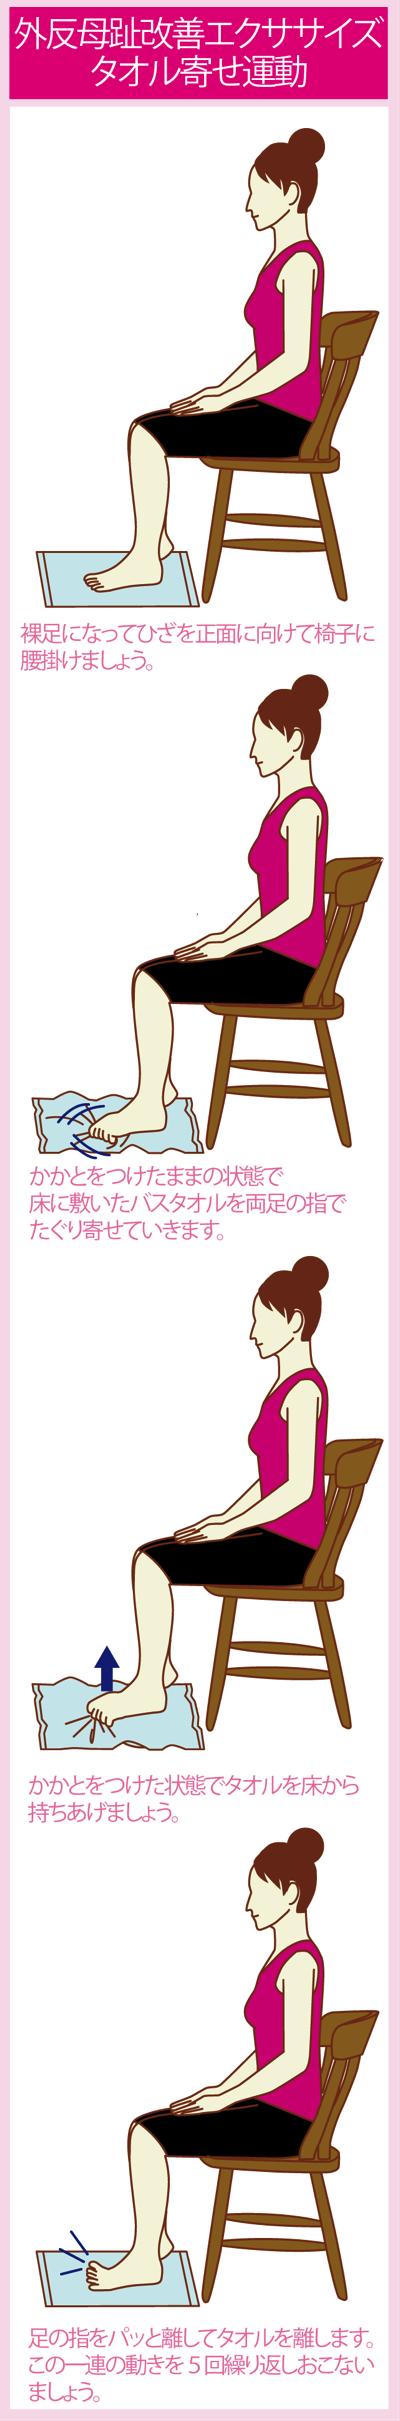 外反母趾を予防・改善するタオルエクササイズ